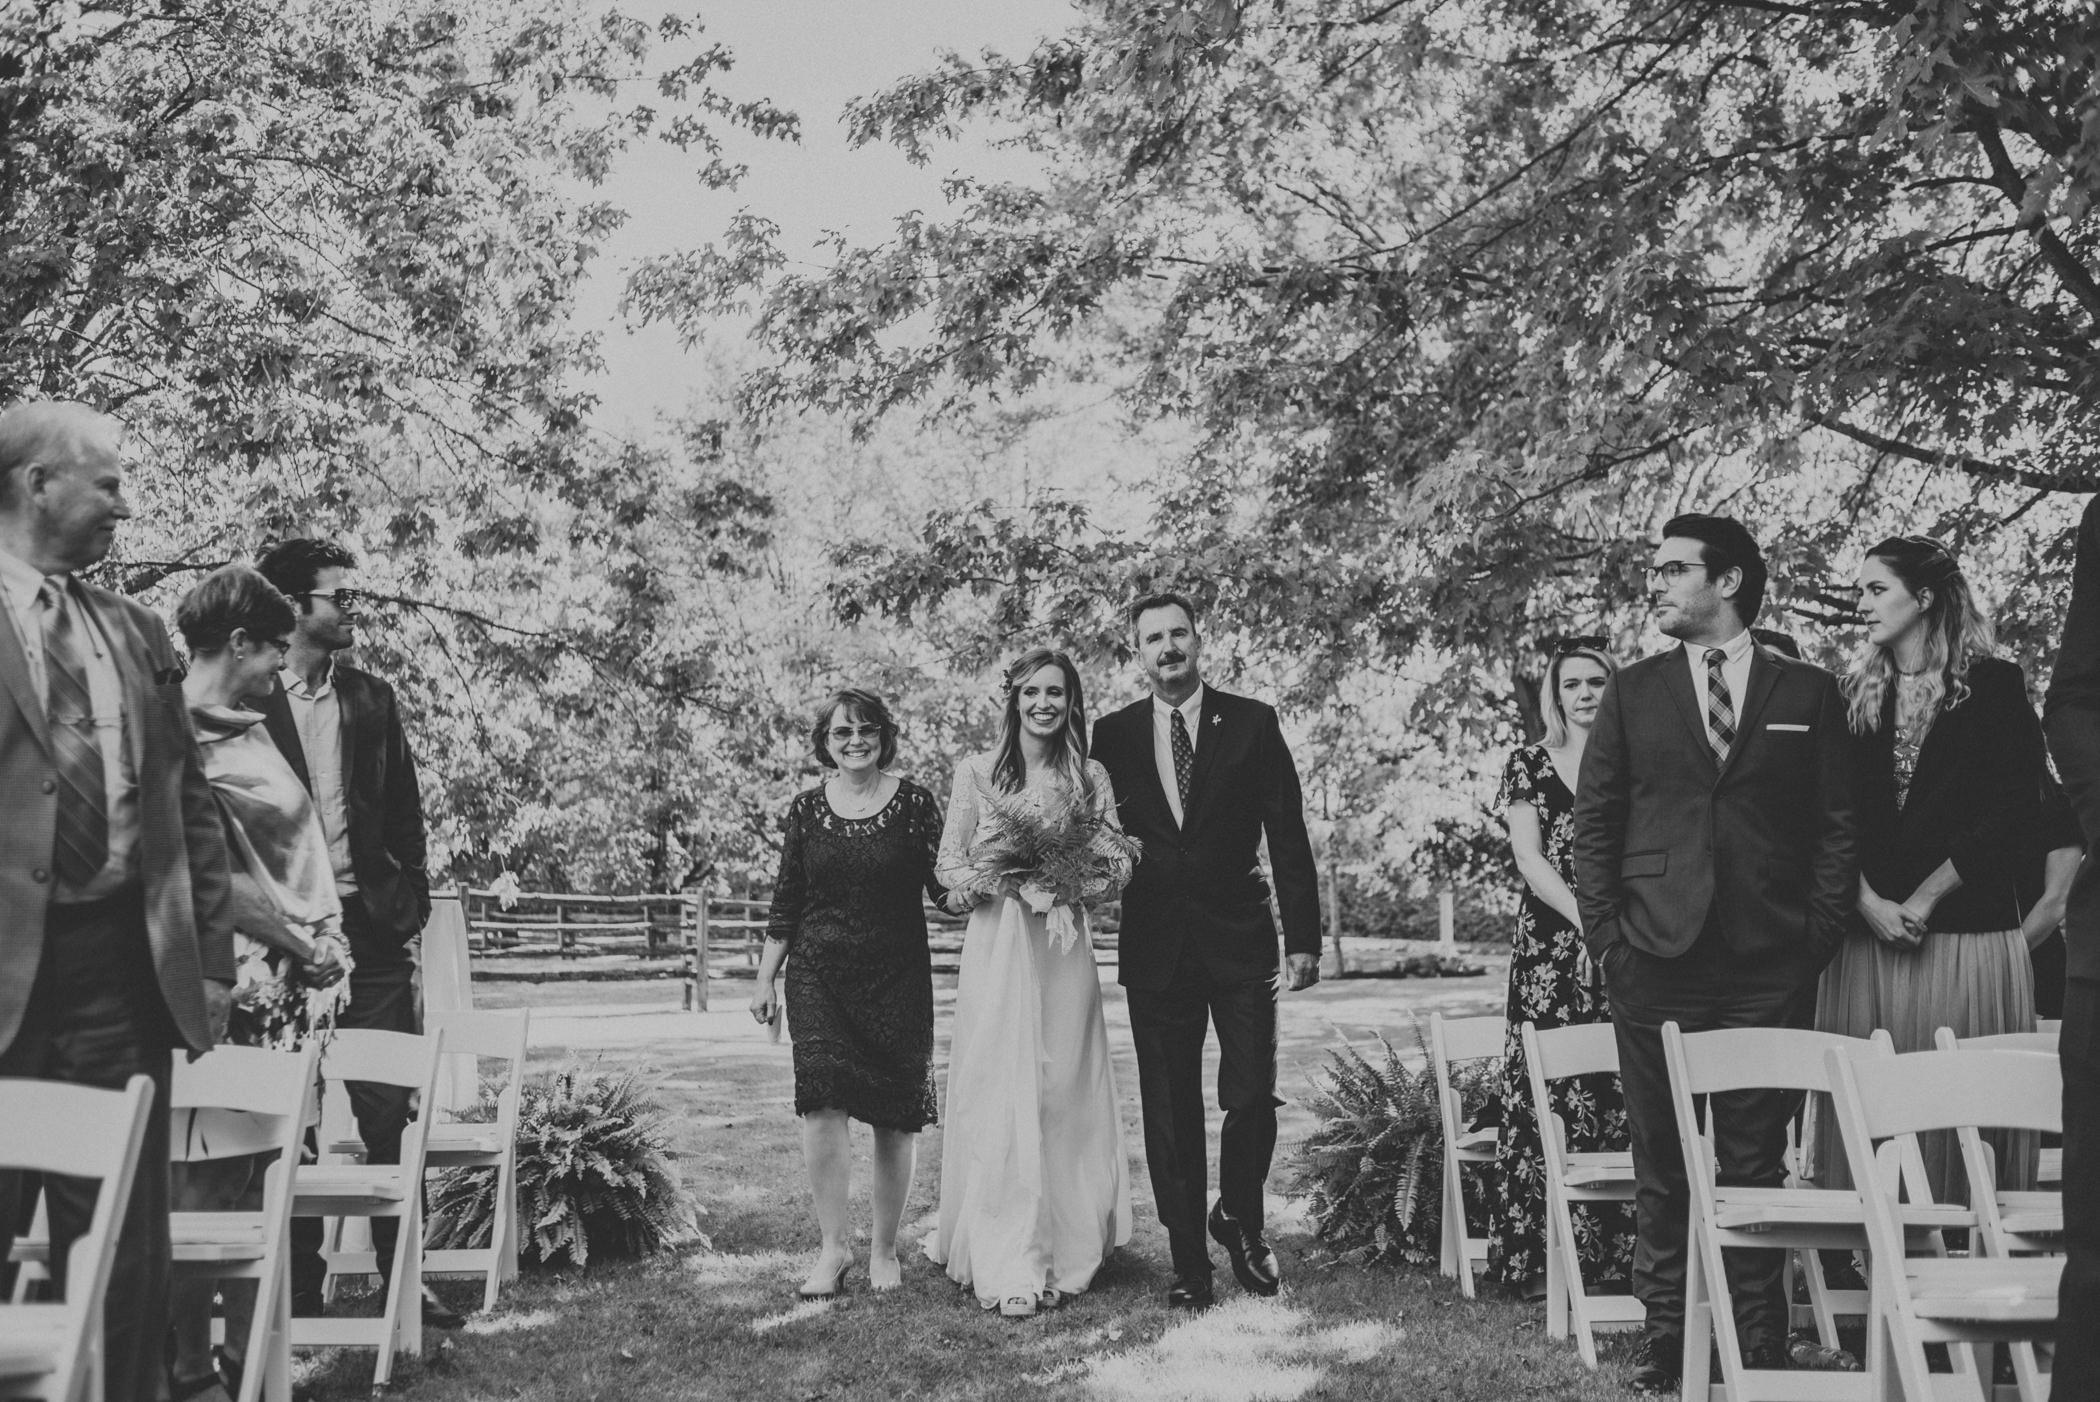 Country_Farm_Wedding-16